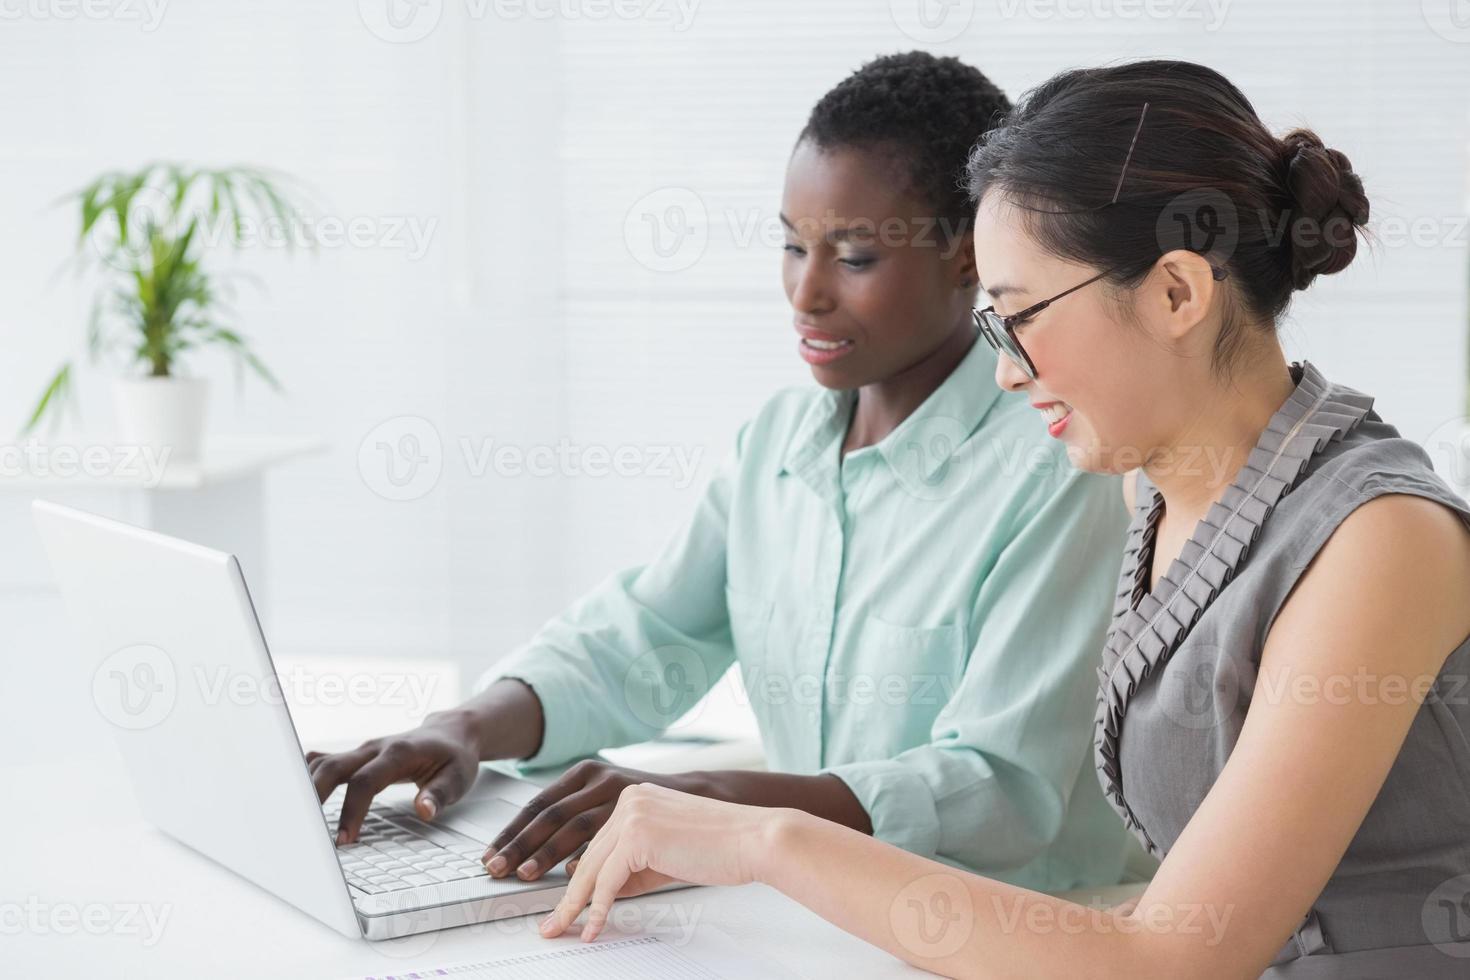 Businesswomen working together at desk photo